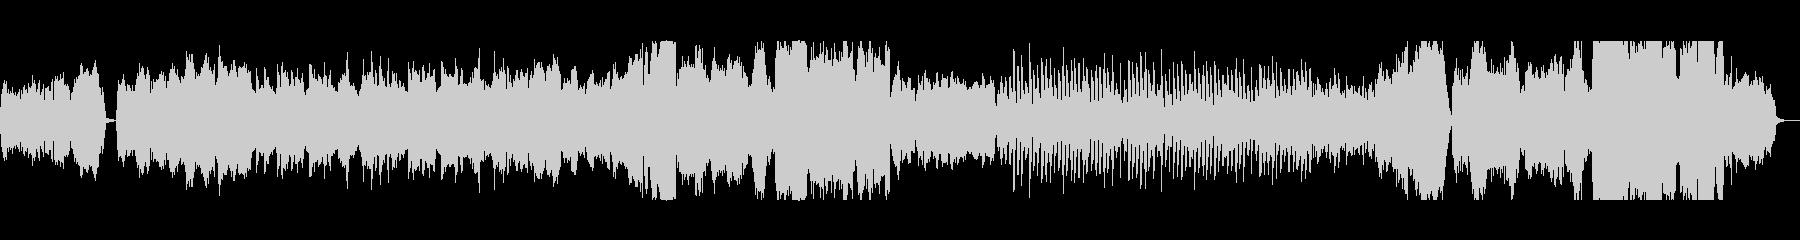 弦とハープのバラードの未再生の波形